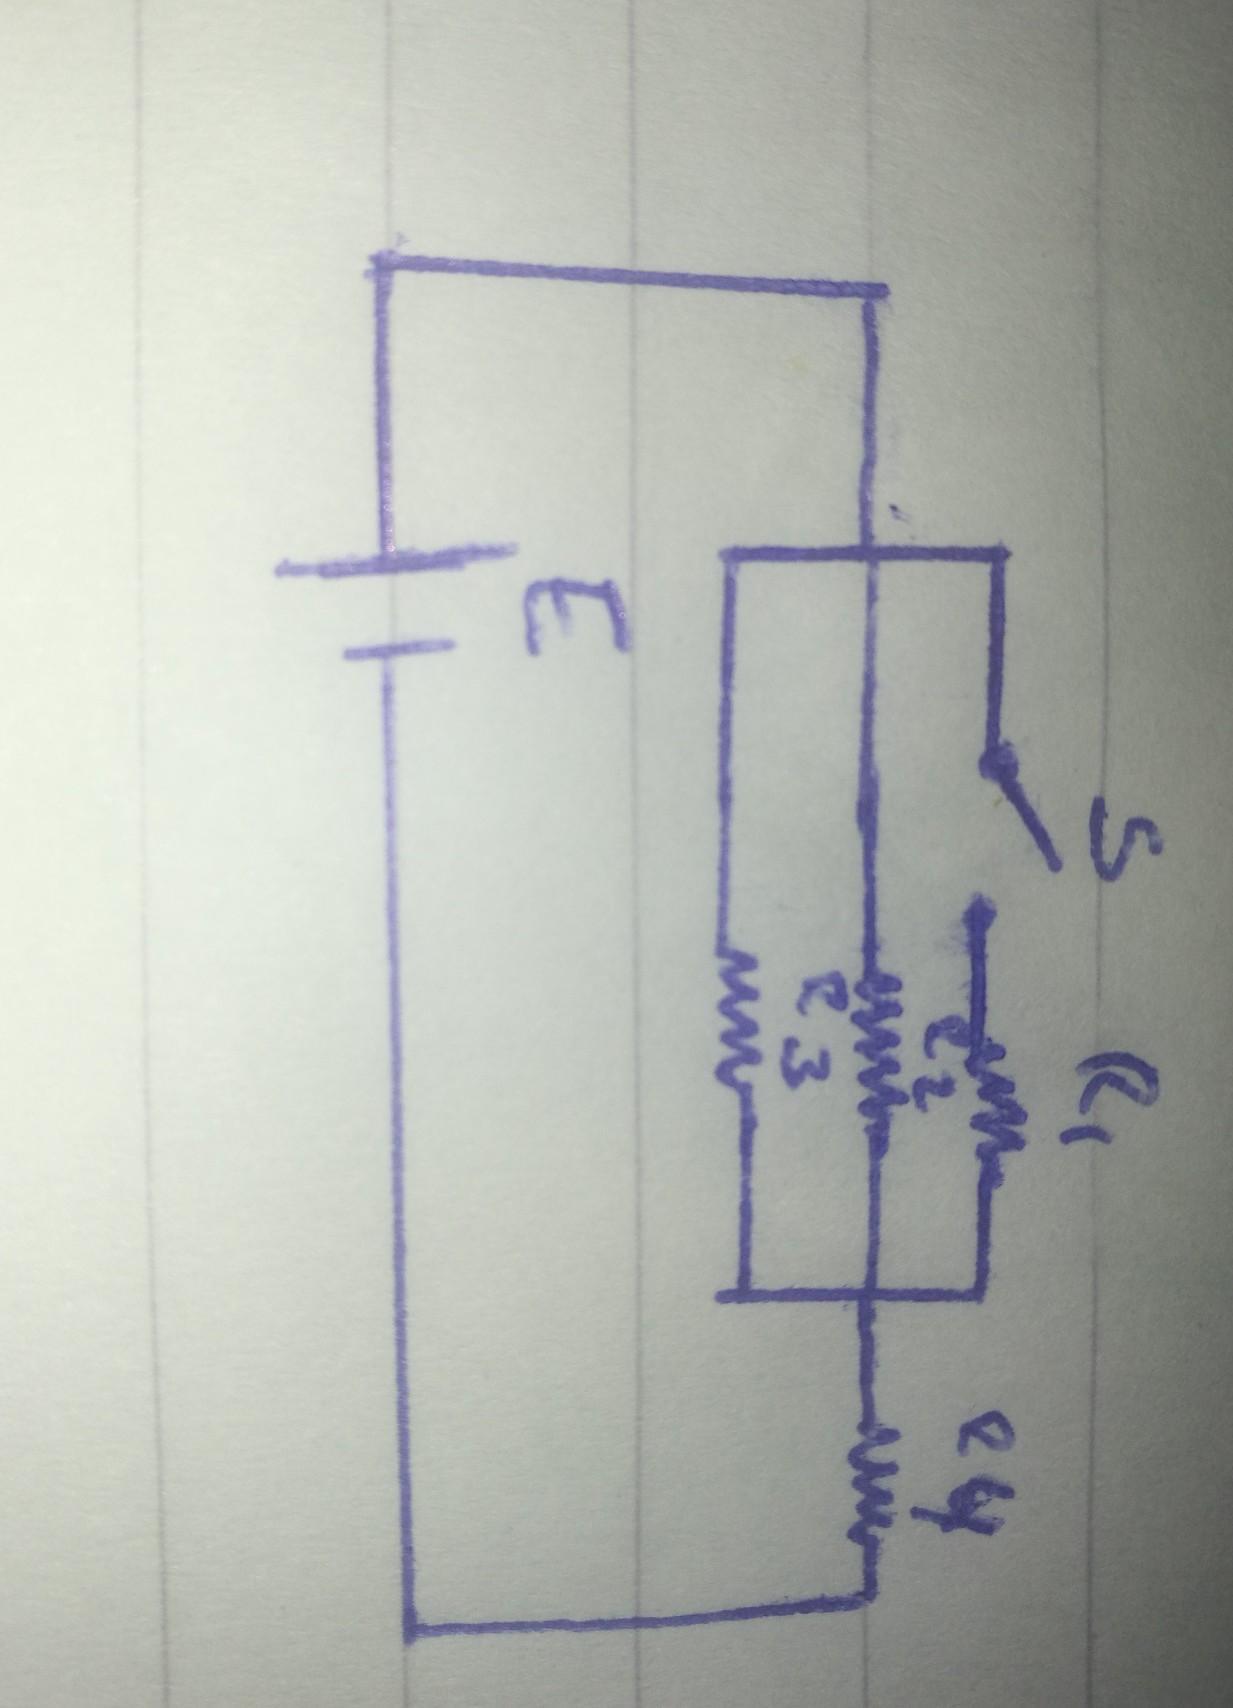 Circuito Paralelo Y En Serie : Dibujar un circuito con tres resistencias en paralelo una en